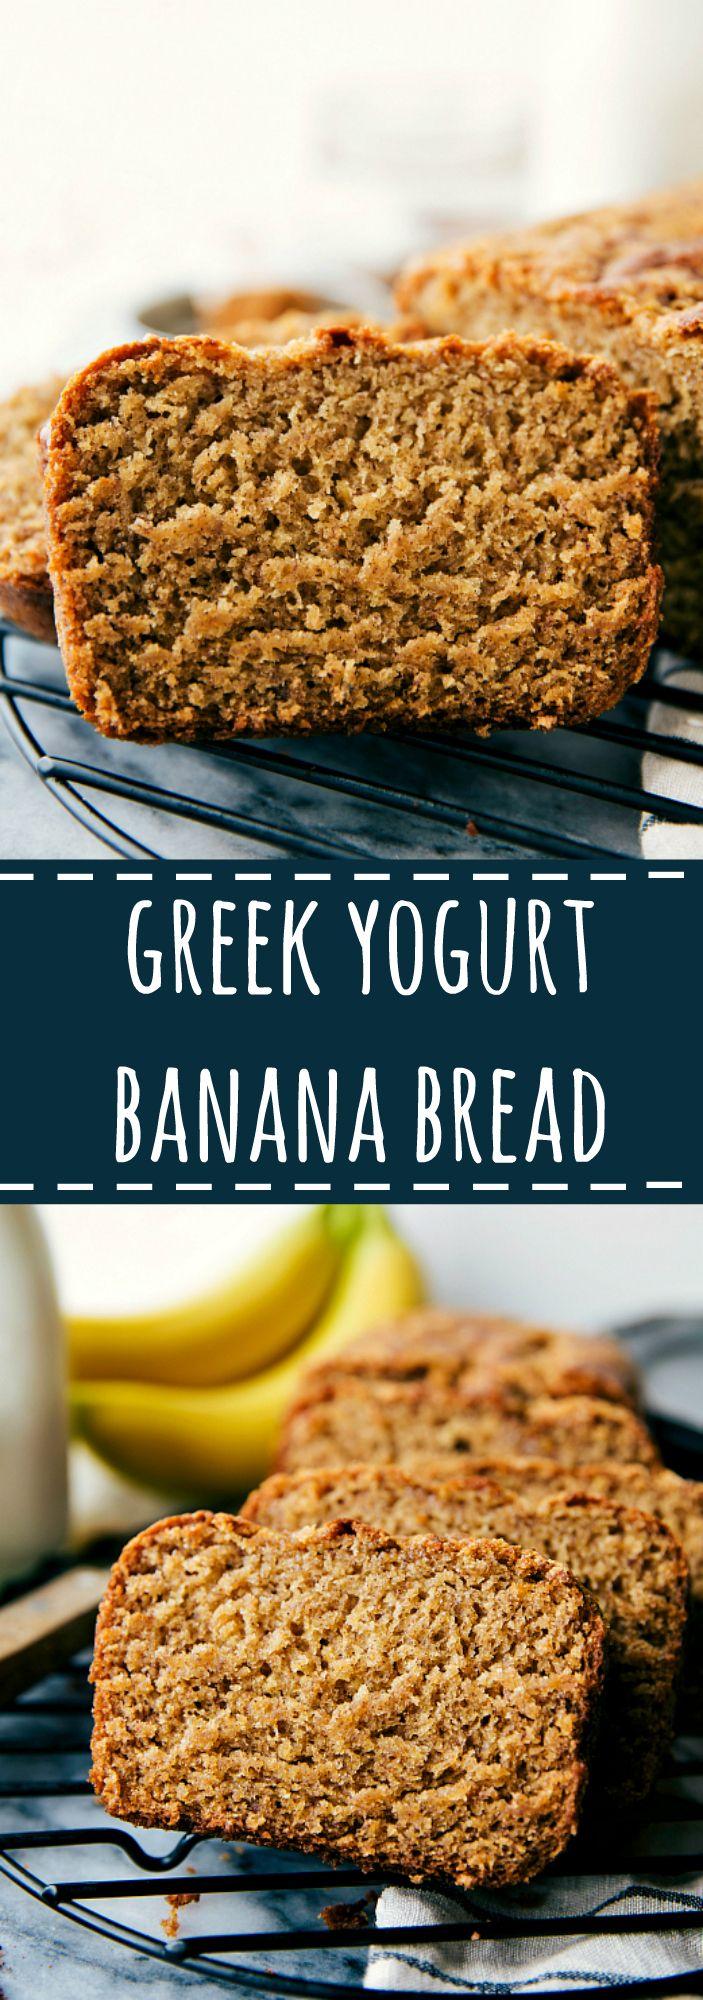 Delicious healthier Greek Yogurt banana bread